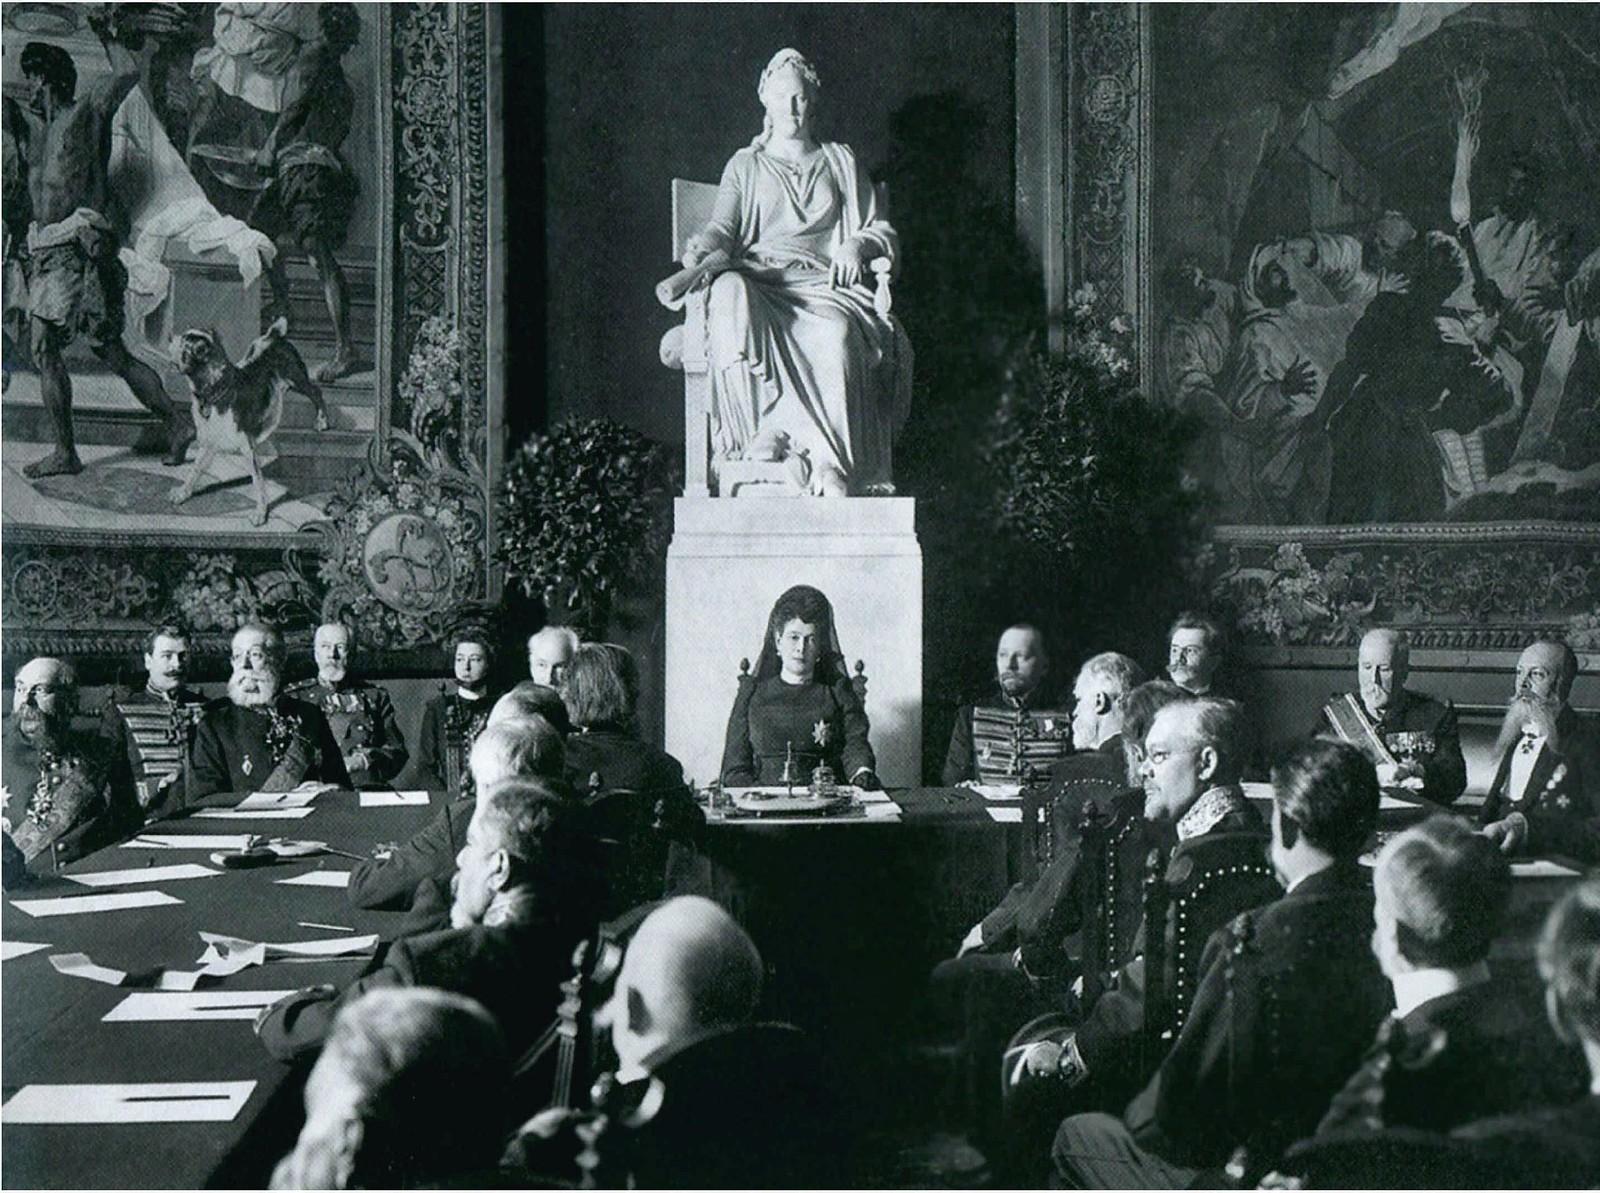 1909. Великая княгиня Мария Павловна вступае в должность президента Императорской Академии художеств. 18 марта